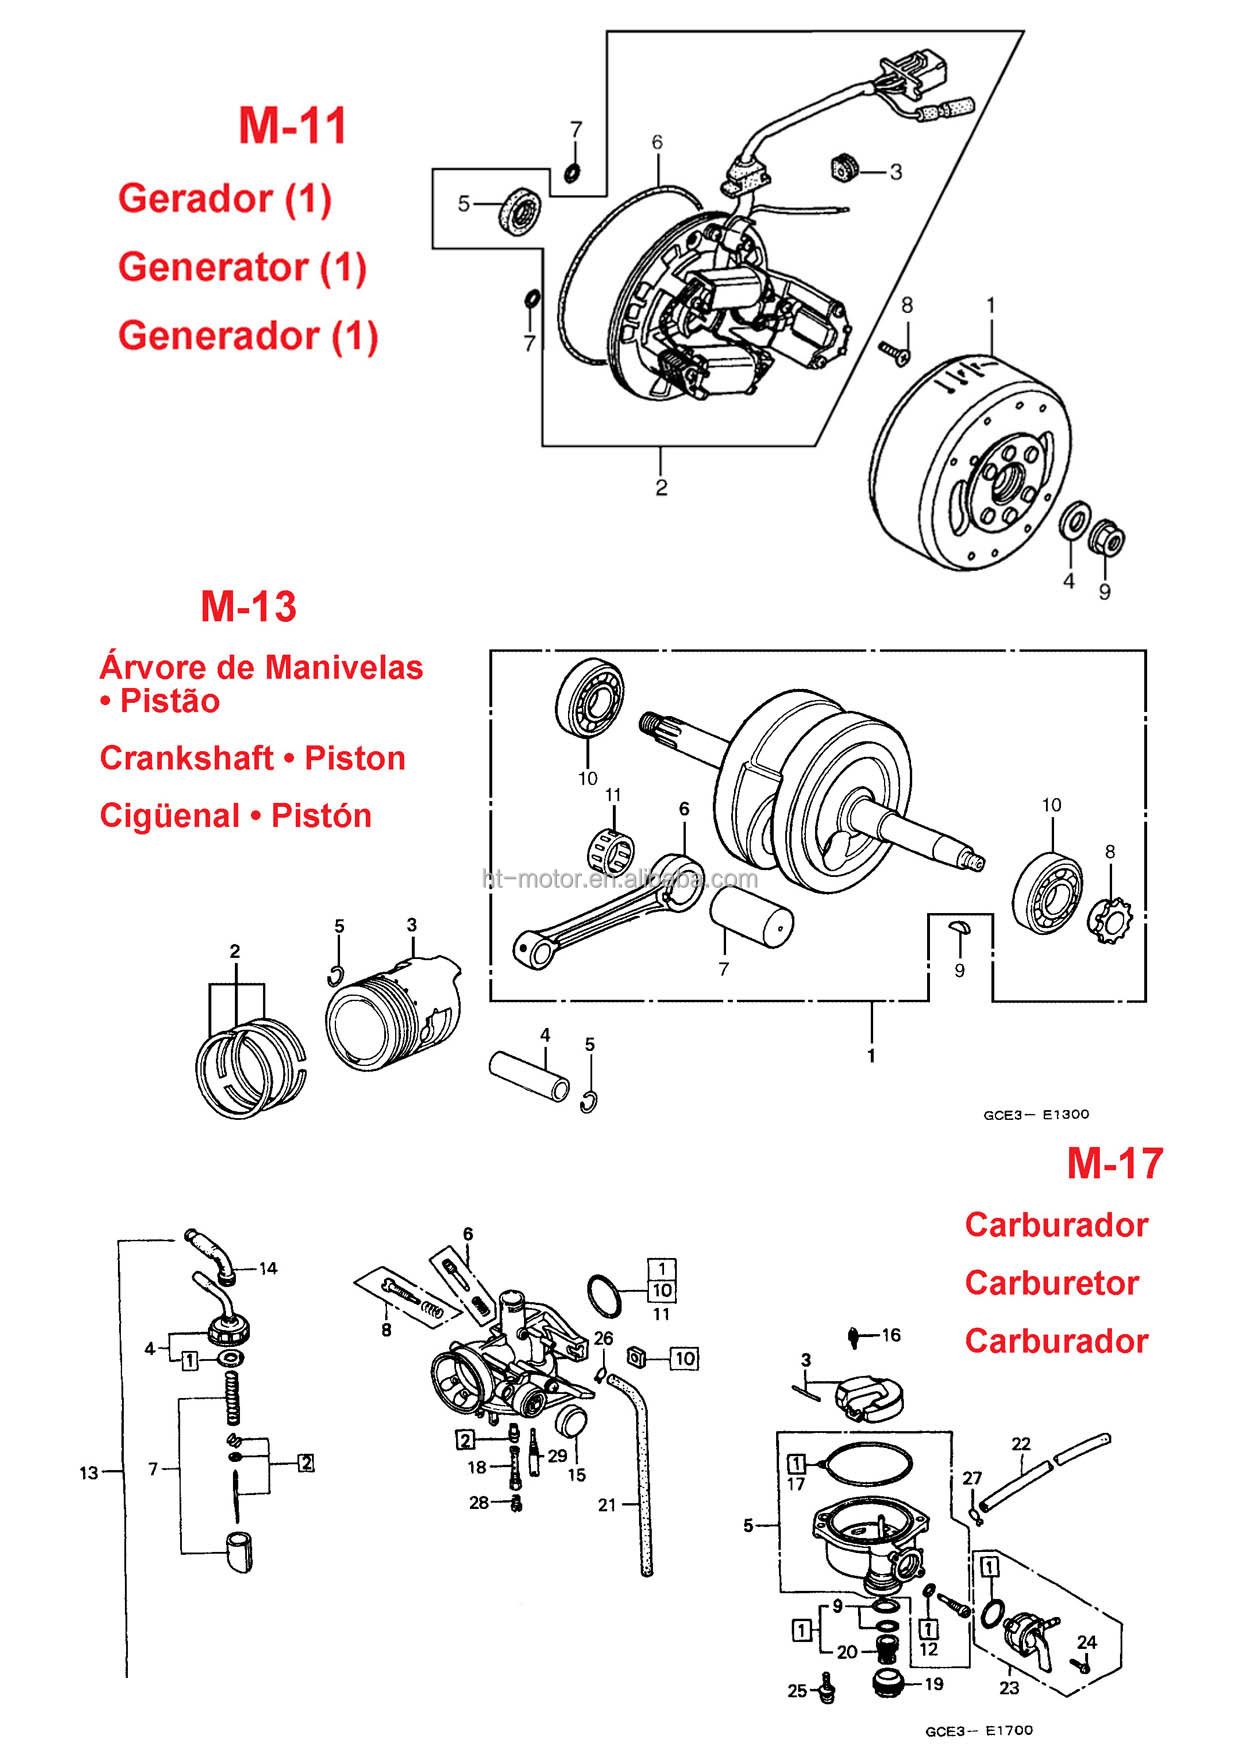 bajaj motorcycle wiring diagram